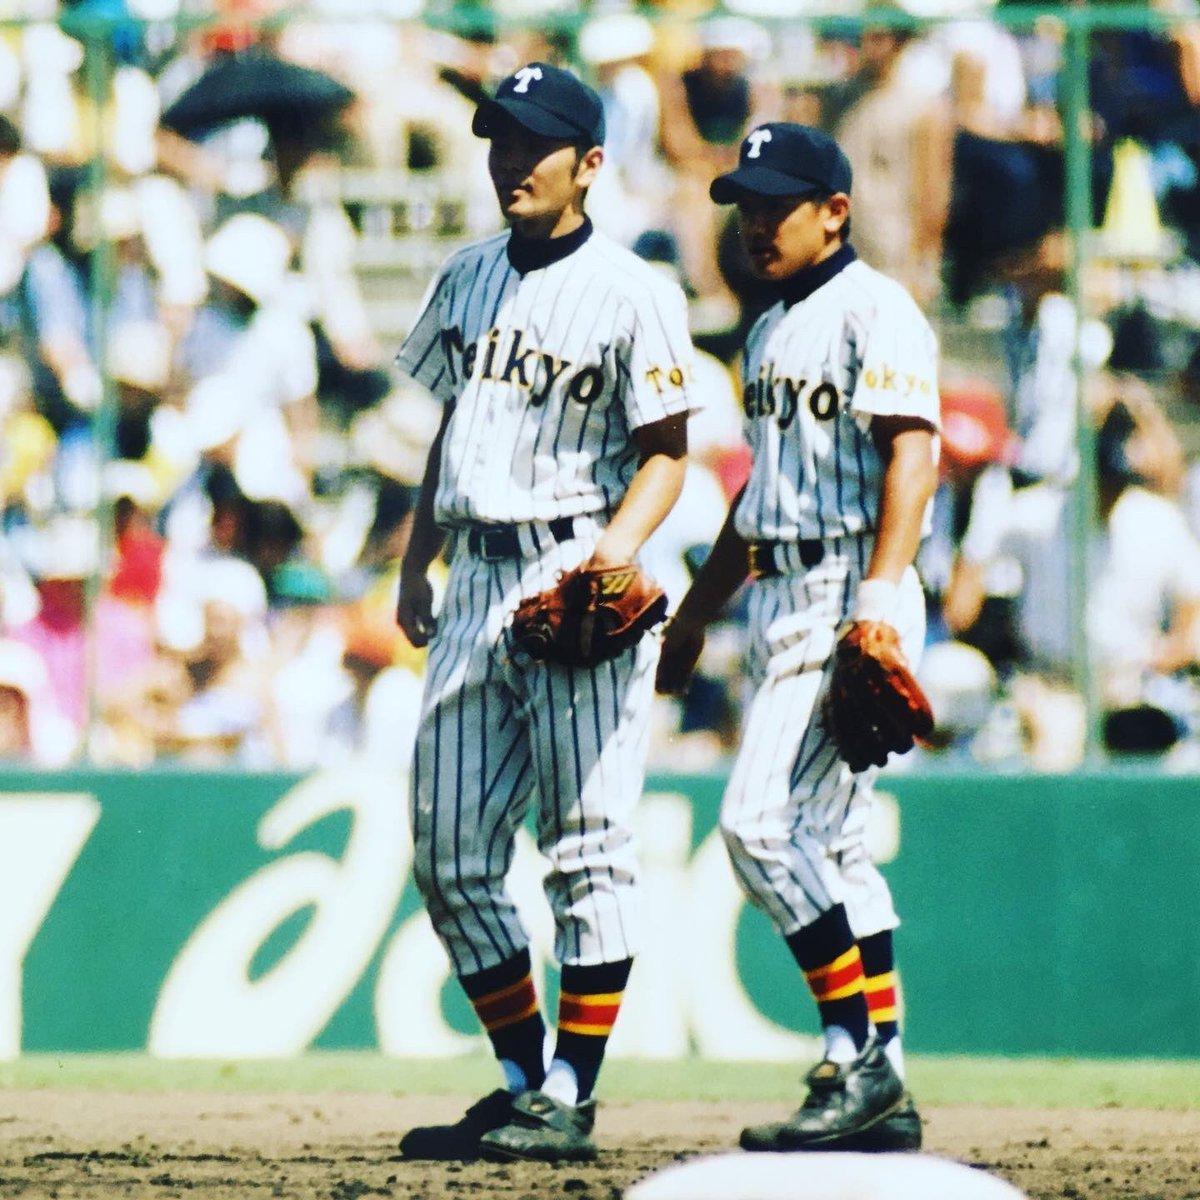 部屋を掃除してると出てきました。写真をカメラで撮影するスタイル。頑張れ高校球児#2002 #帝京 #甲子園 #野球 #コロナ #負けるな #人類 #トクサンtv